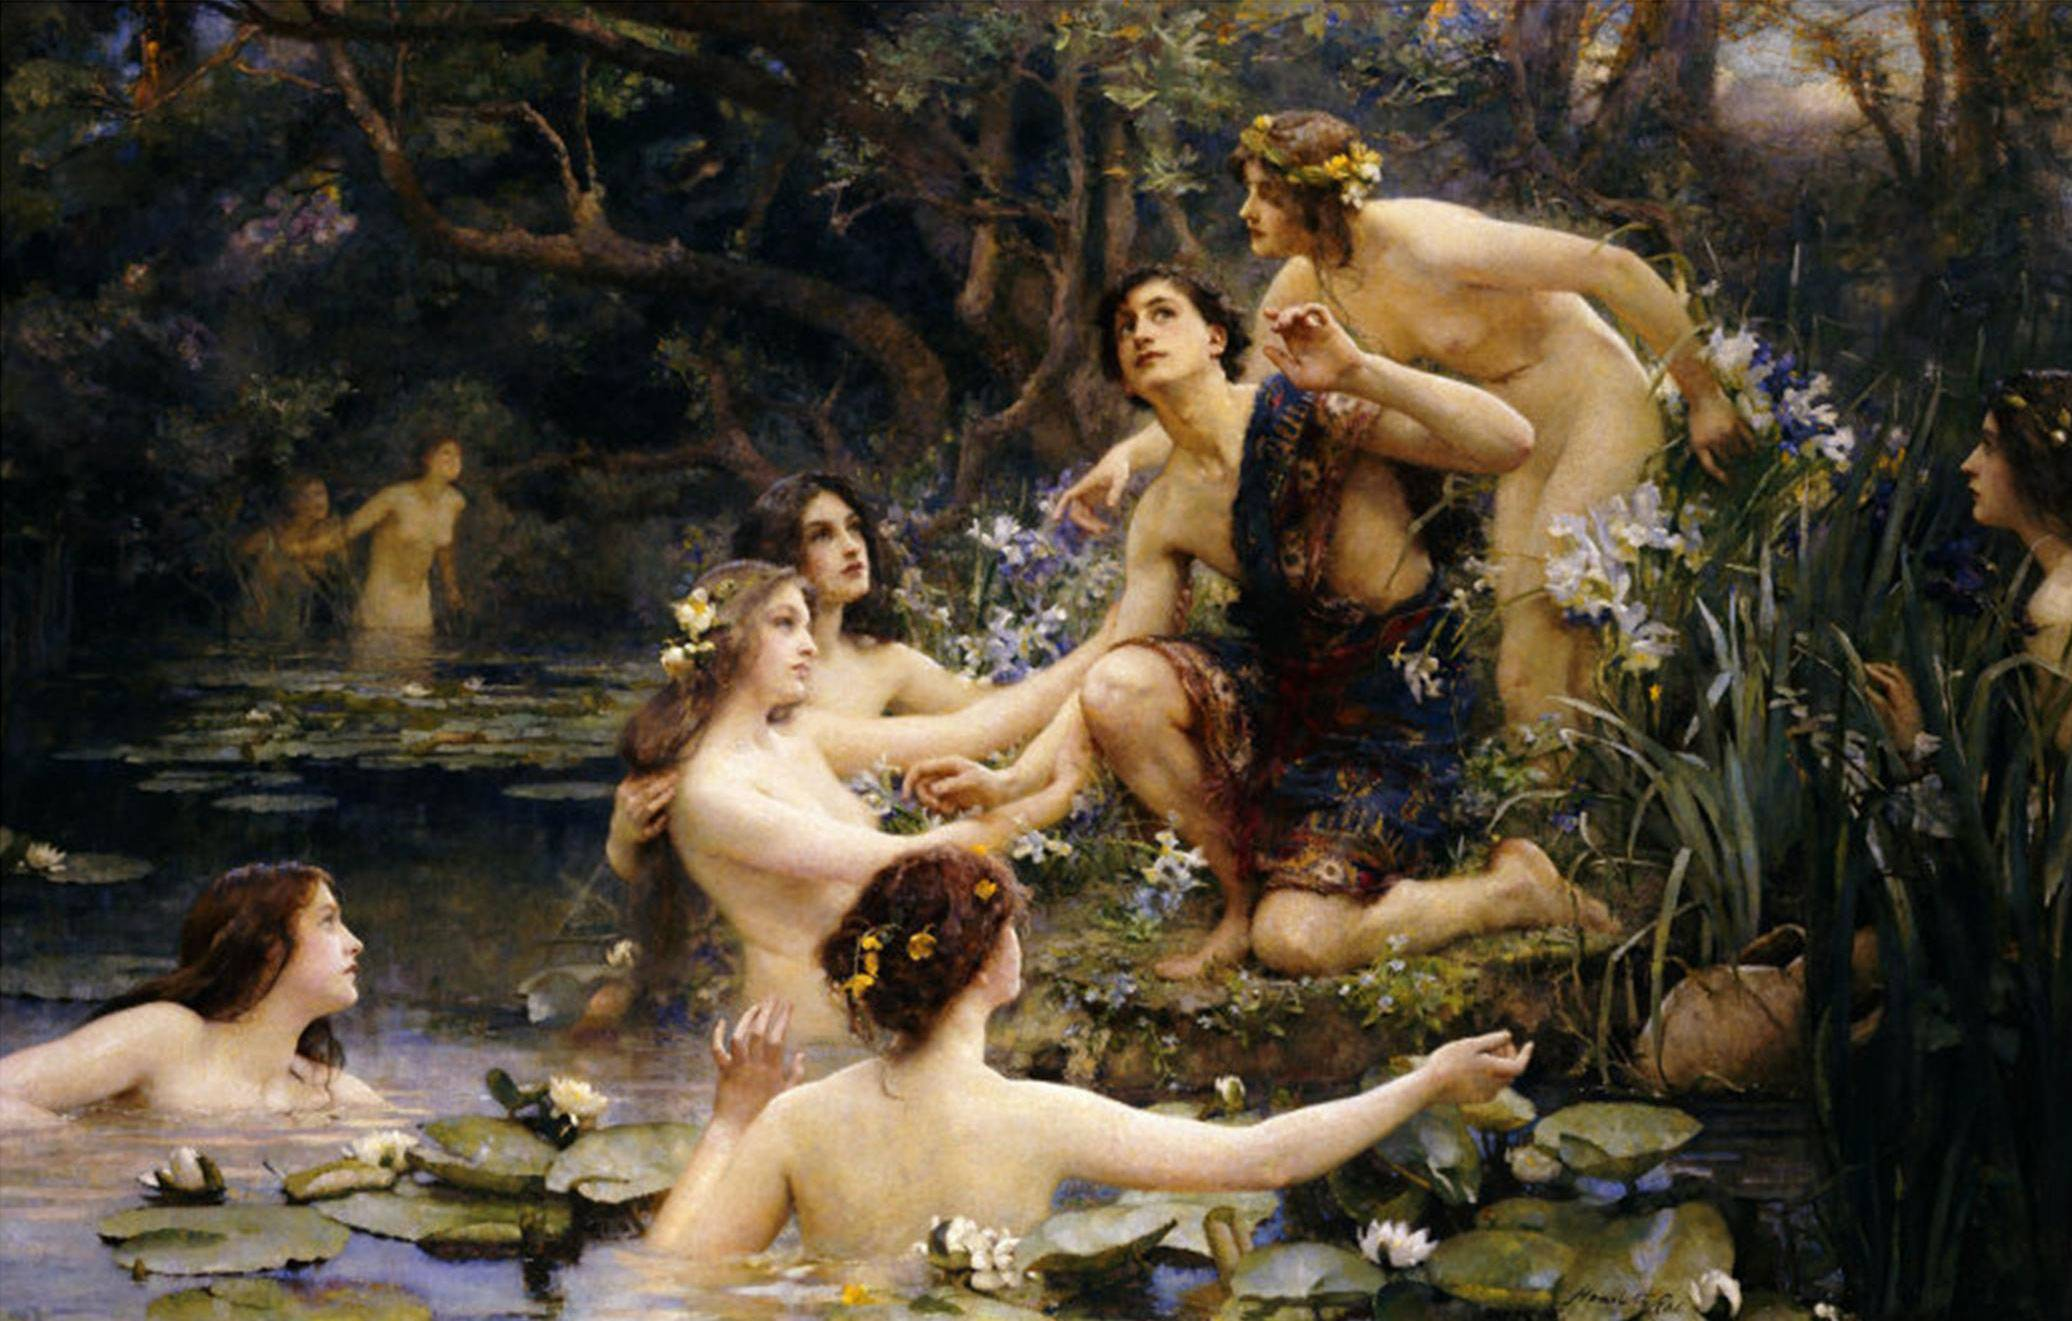 Кто такие наяды? наяды — обитательницы пресных водоемов древней греции лондонская национальная галерея